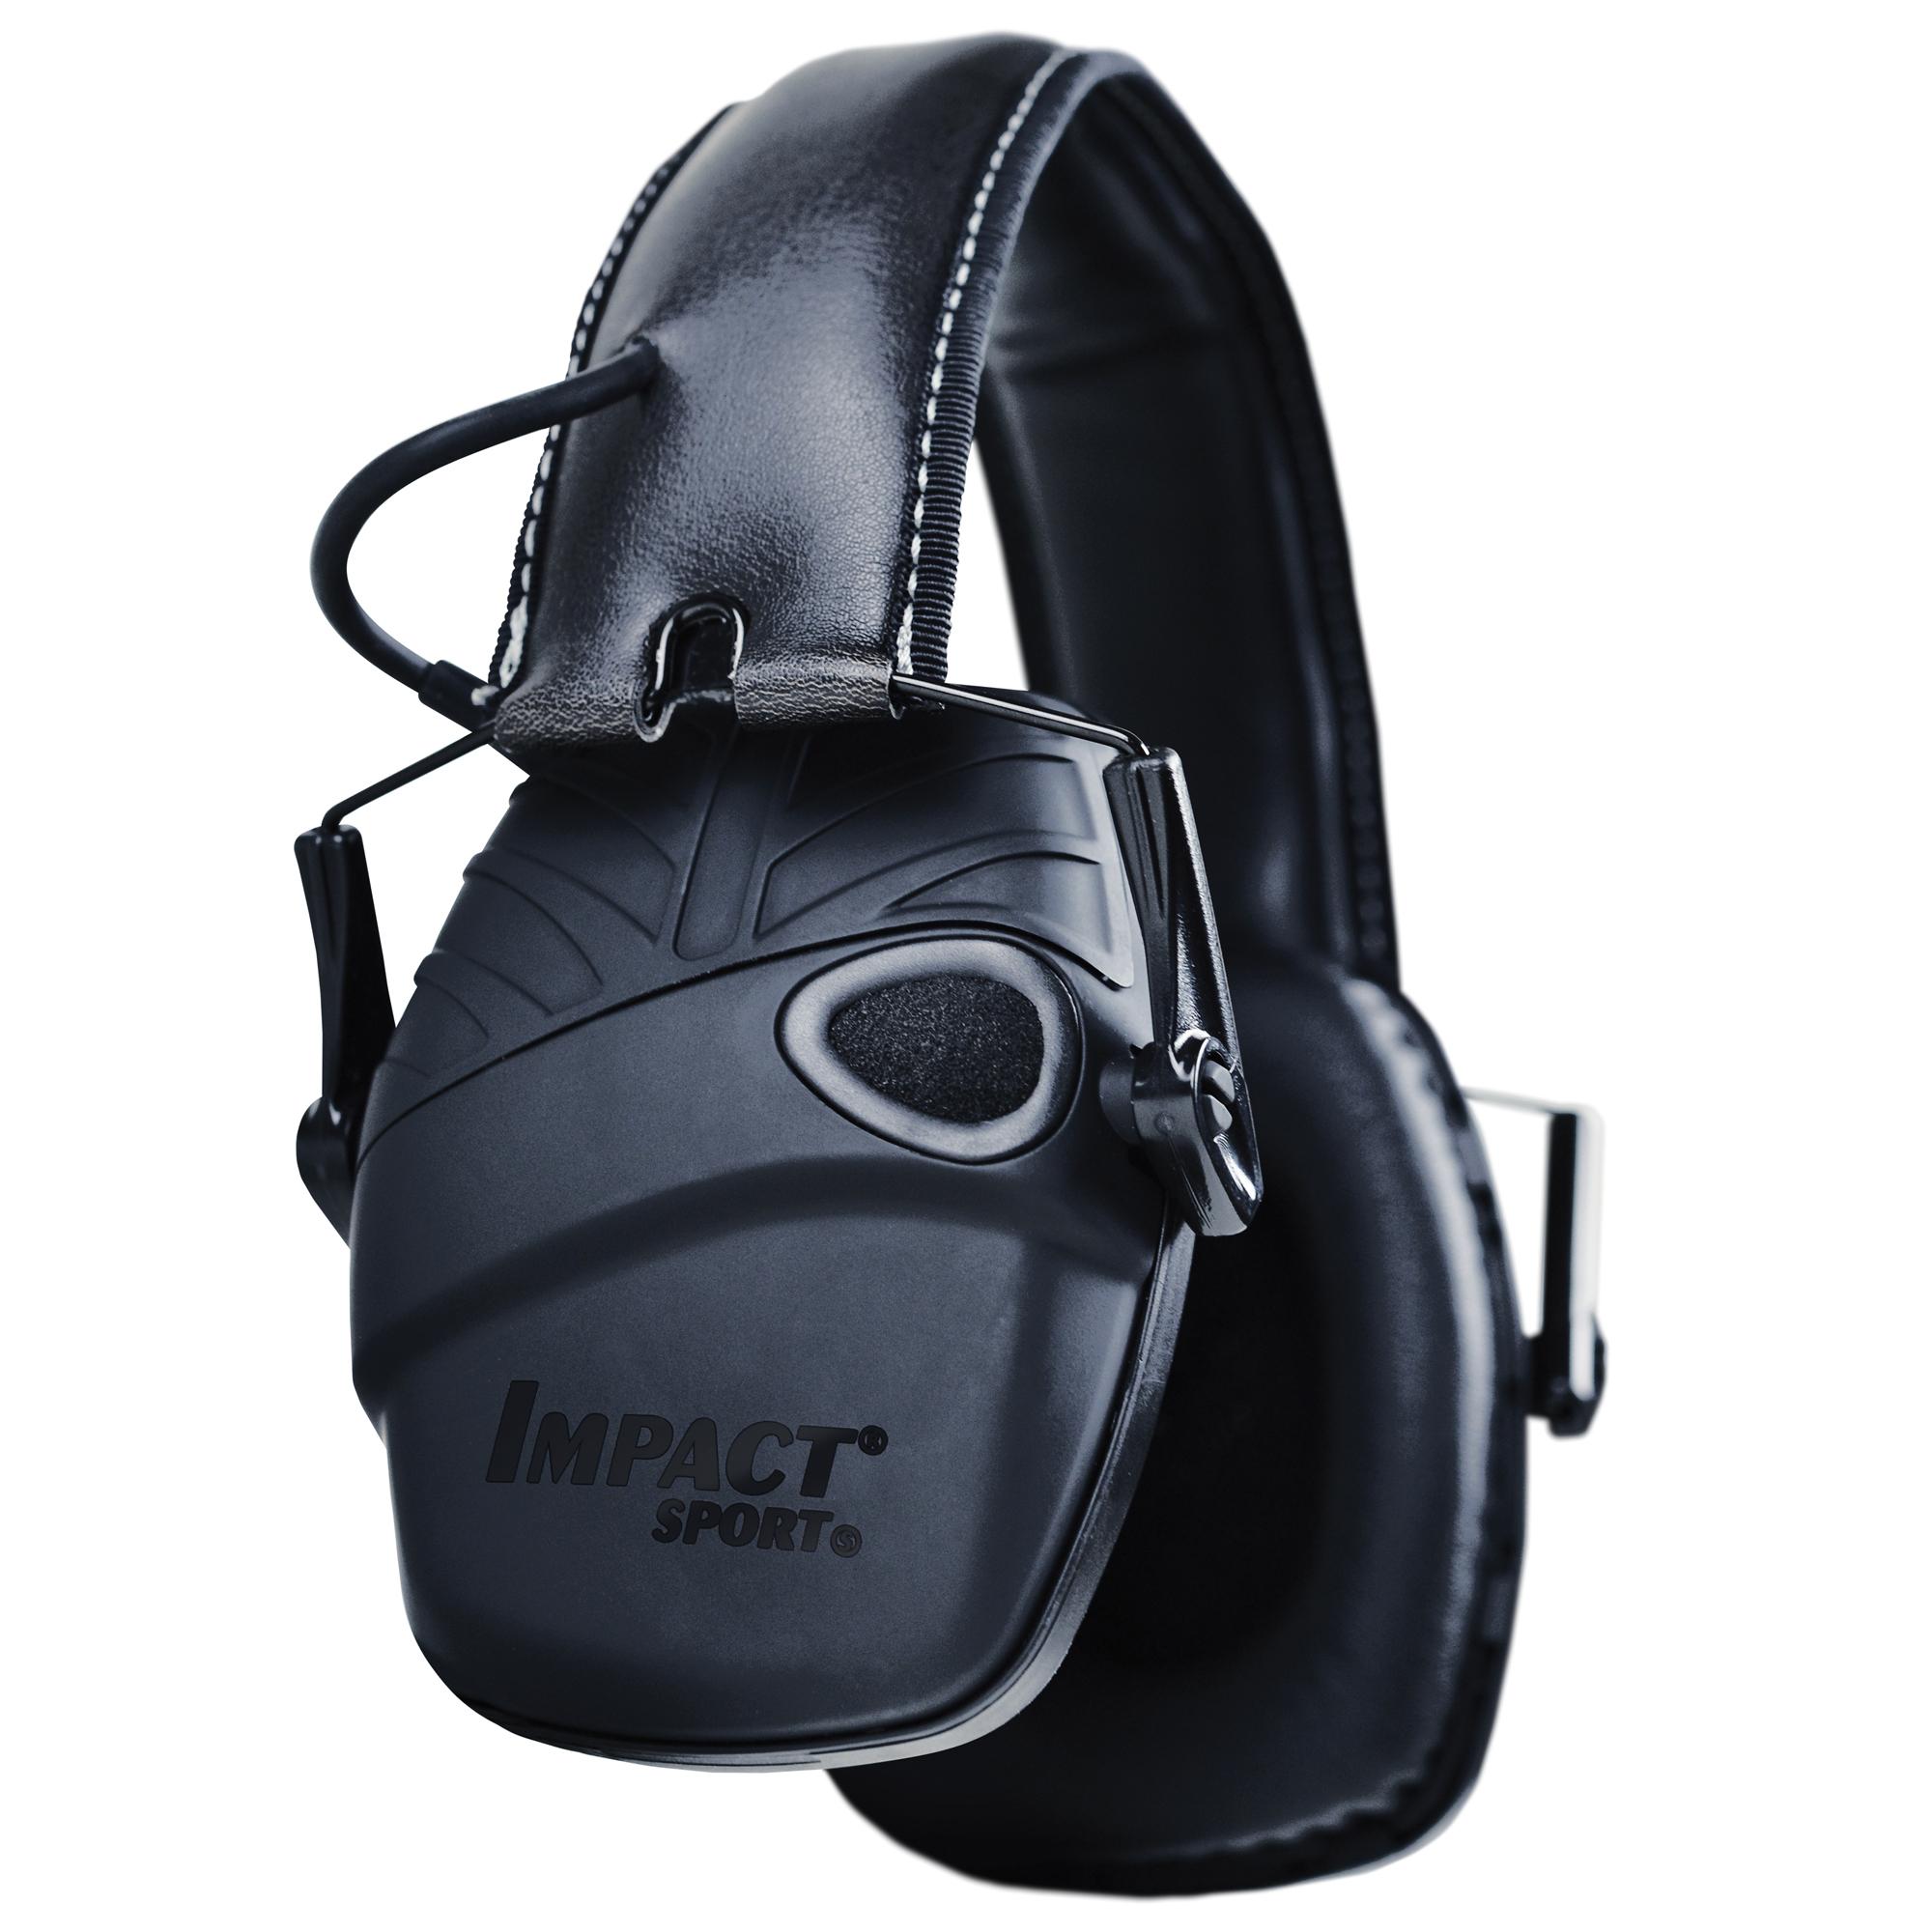 H/l Impact Sport Tac Elect Muff Blk